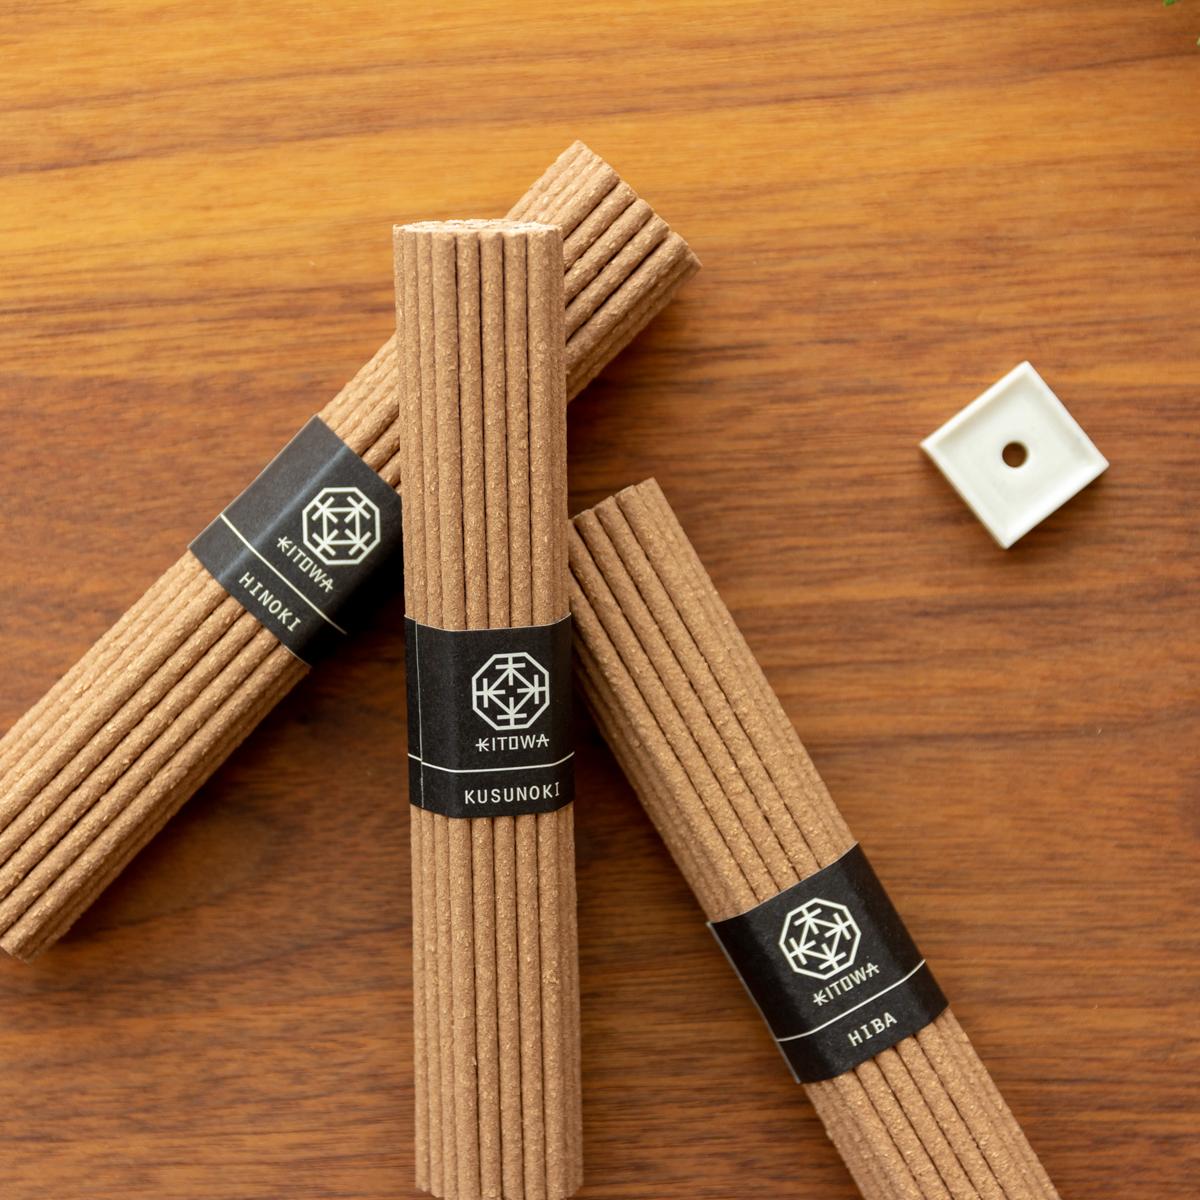 440年にもわたる伝統の薫香技術を礎に、受け継がれた至高の技で創香されたインセンススティック(お香)|KITOWA